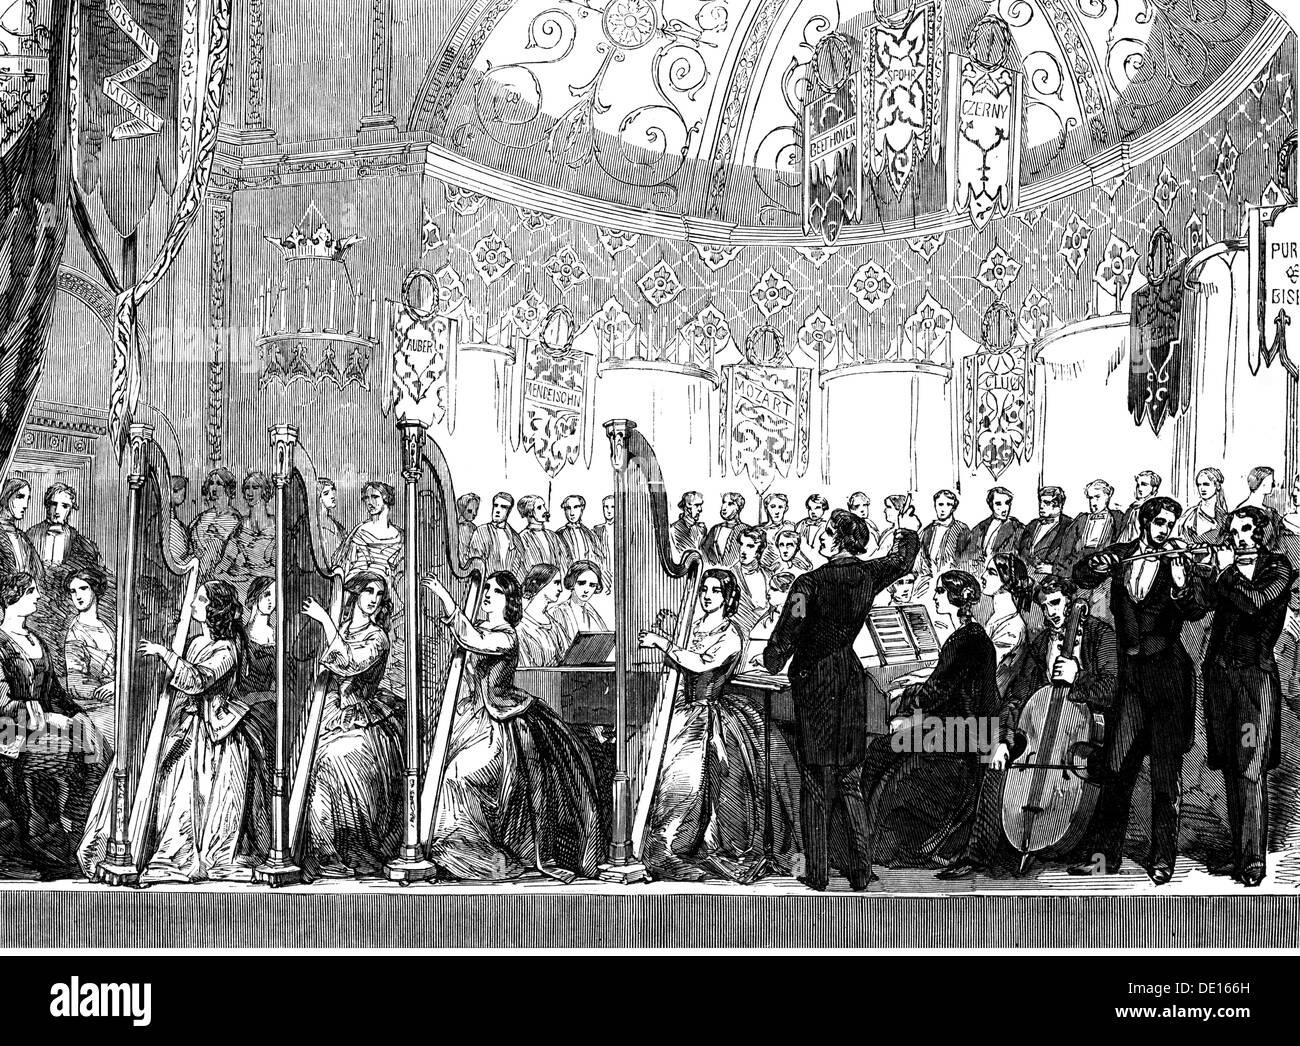 """Musik, Konzert, amateur Konzert für den Fonds der Krankenstation von Newcastle-upon-Tyne, Holzstich, """"Illustrated London News"""", 1853, Additional-Rights - Clearences-NA Stockbild"""